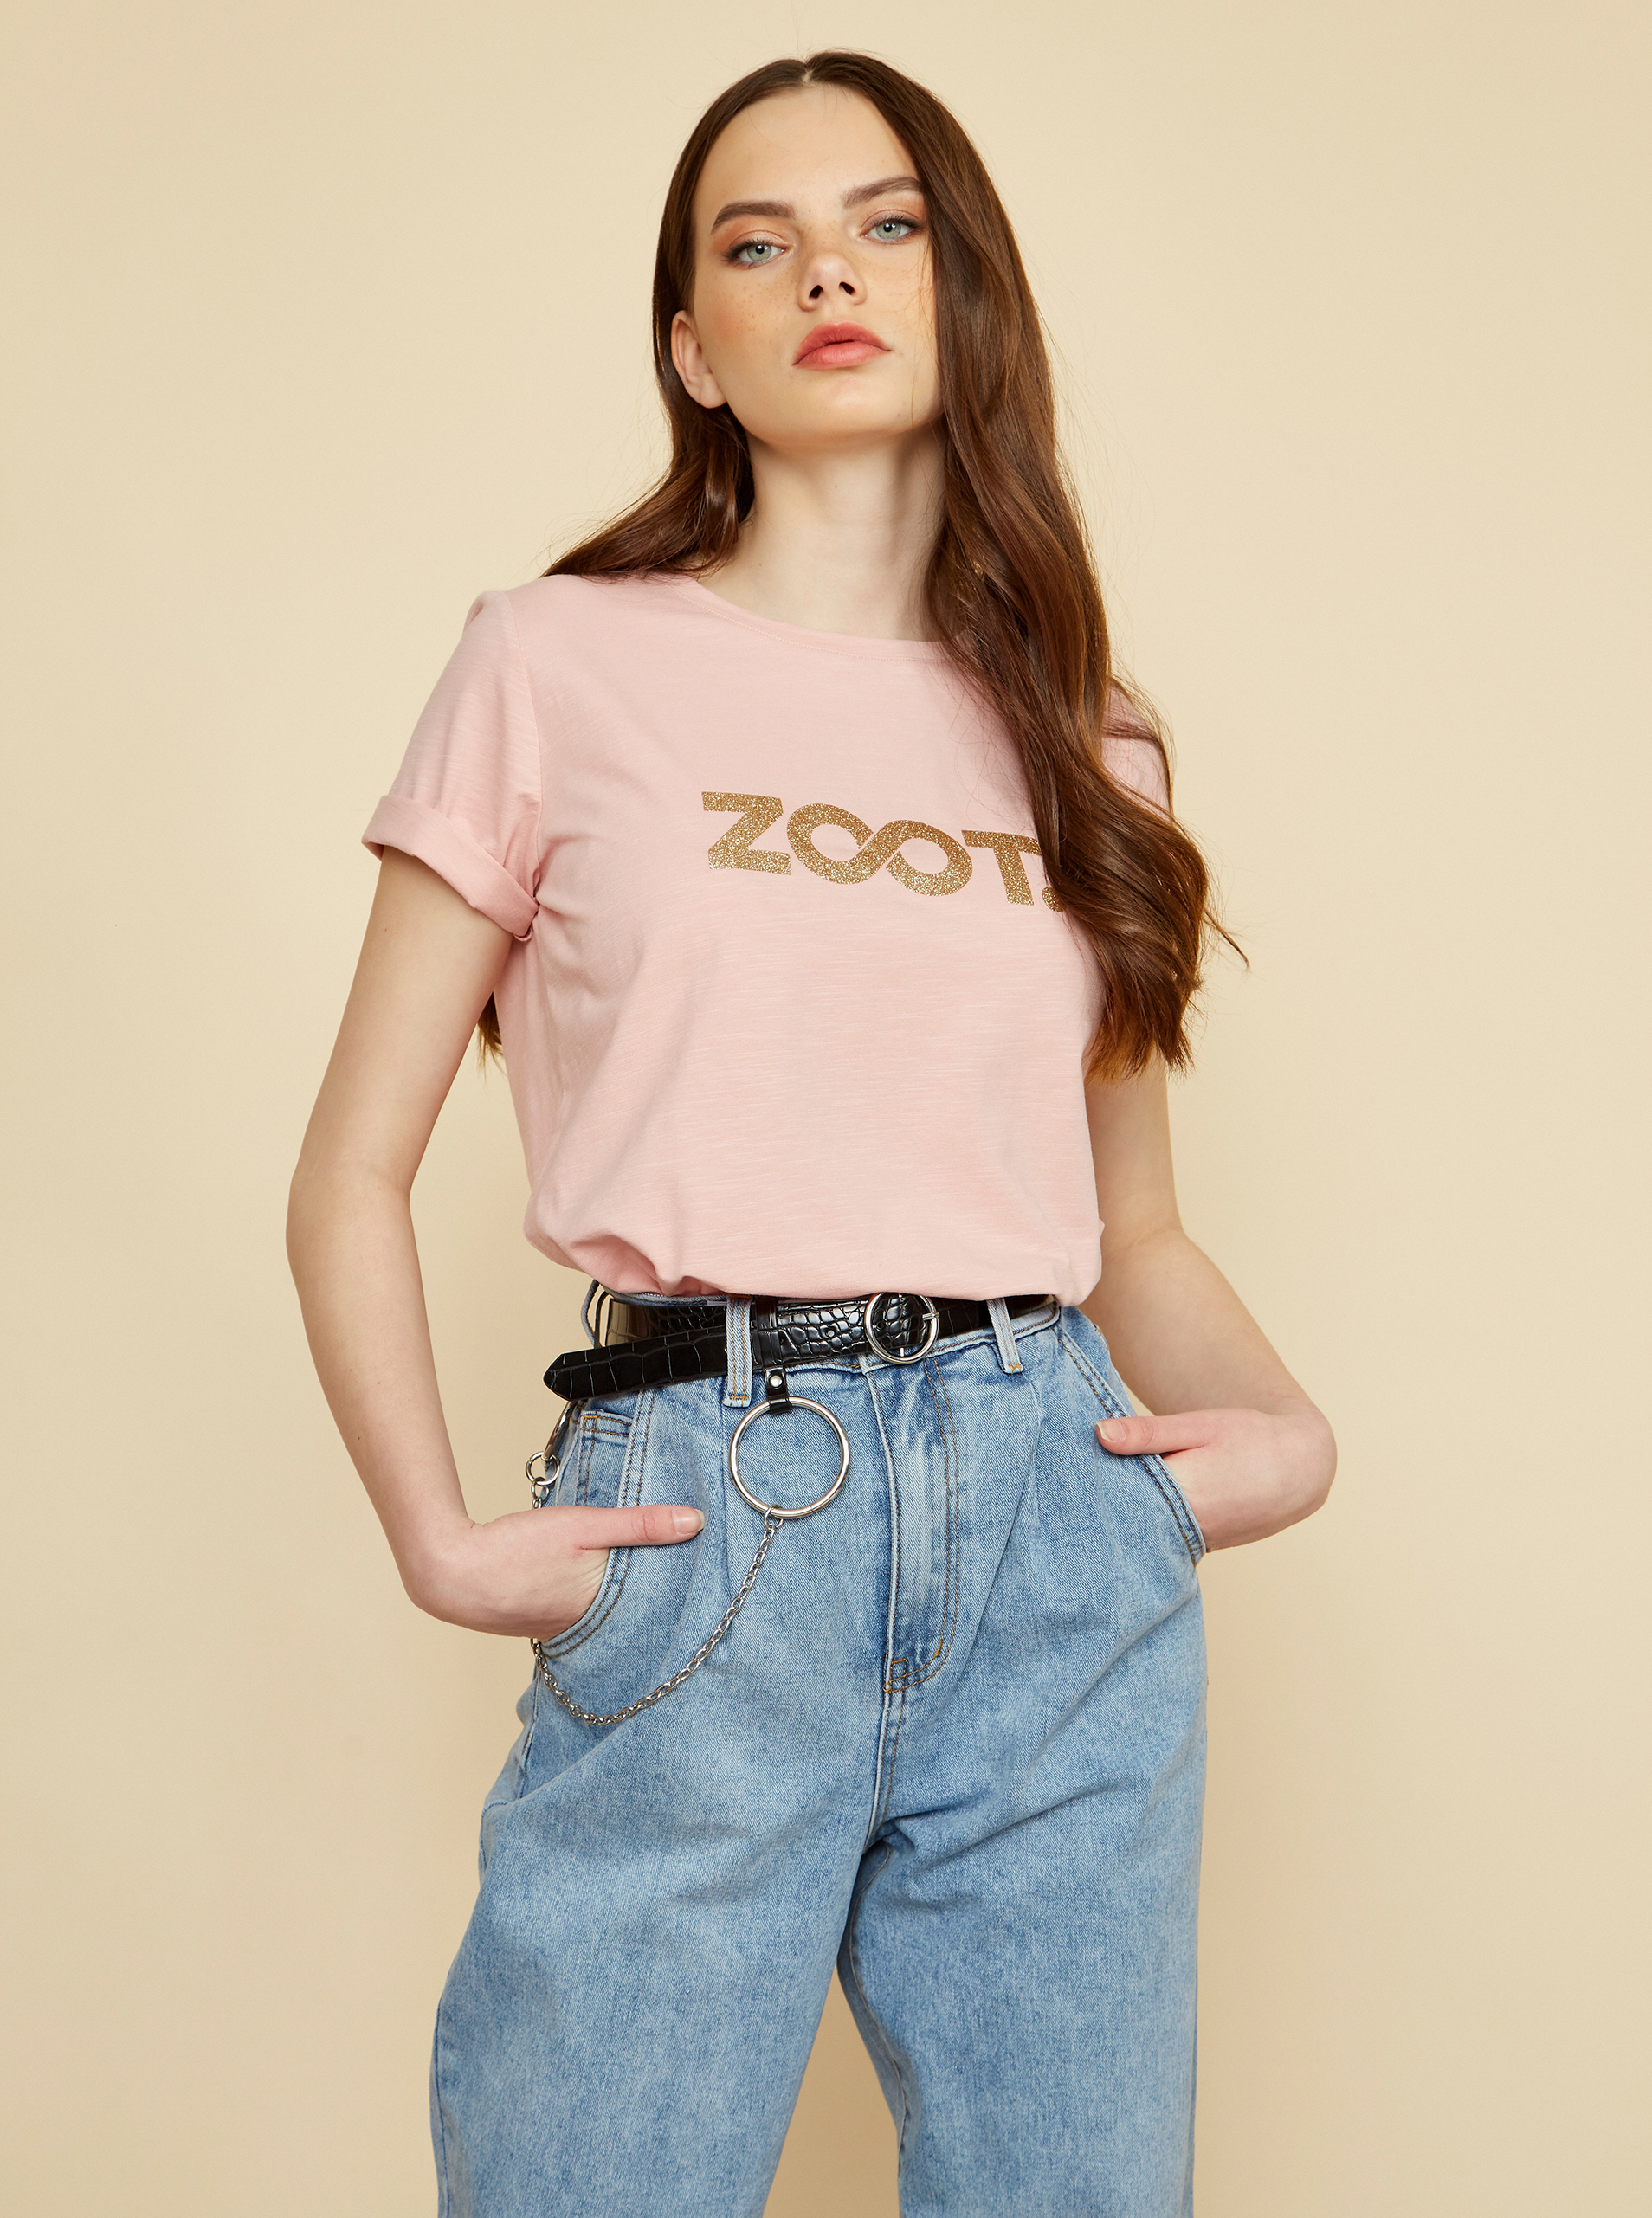 ZOOT růžové dámské tričko Lucy s potiskem